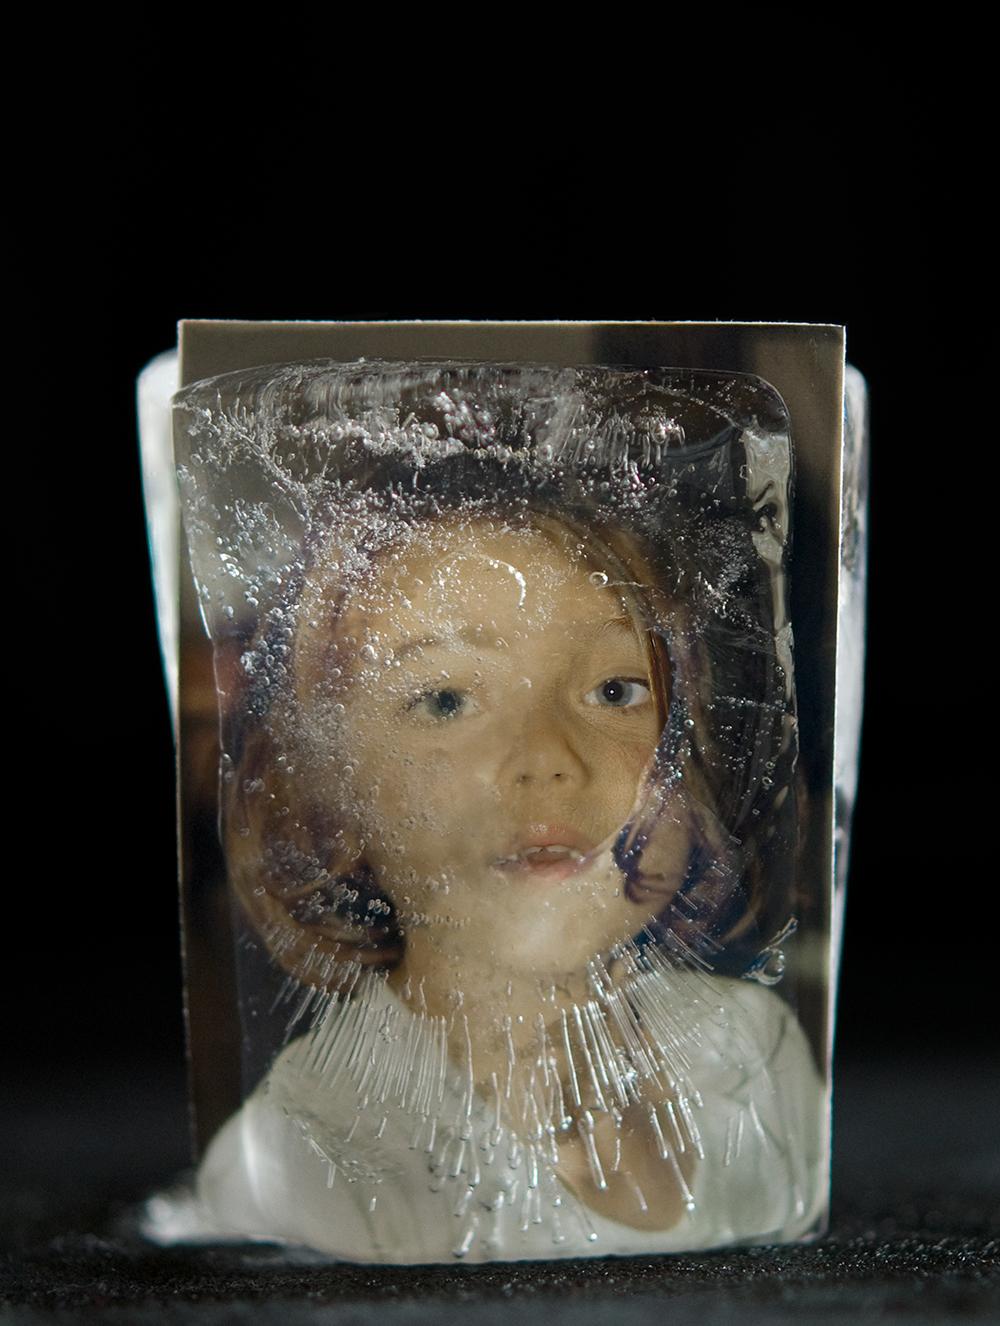 Recuerdos, 02. Baritado sobre madera DM. 53x40 cm. 2010